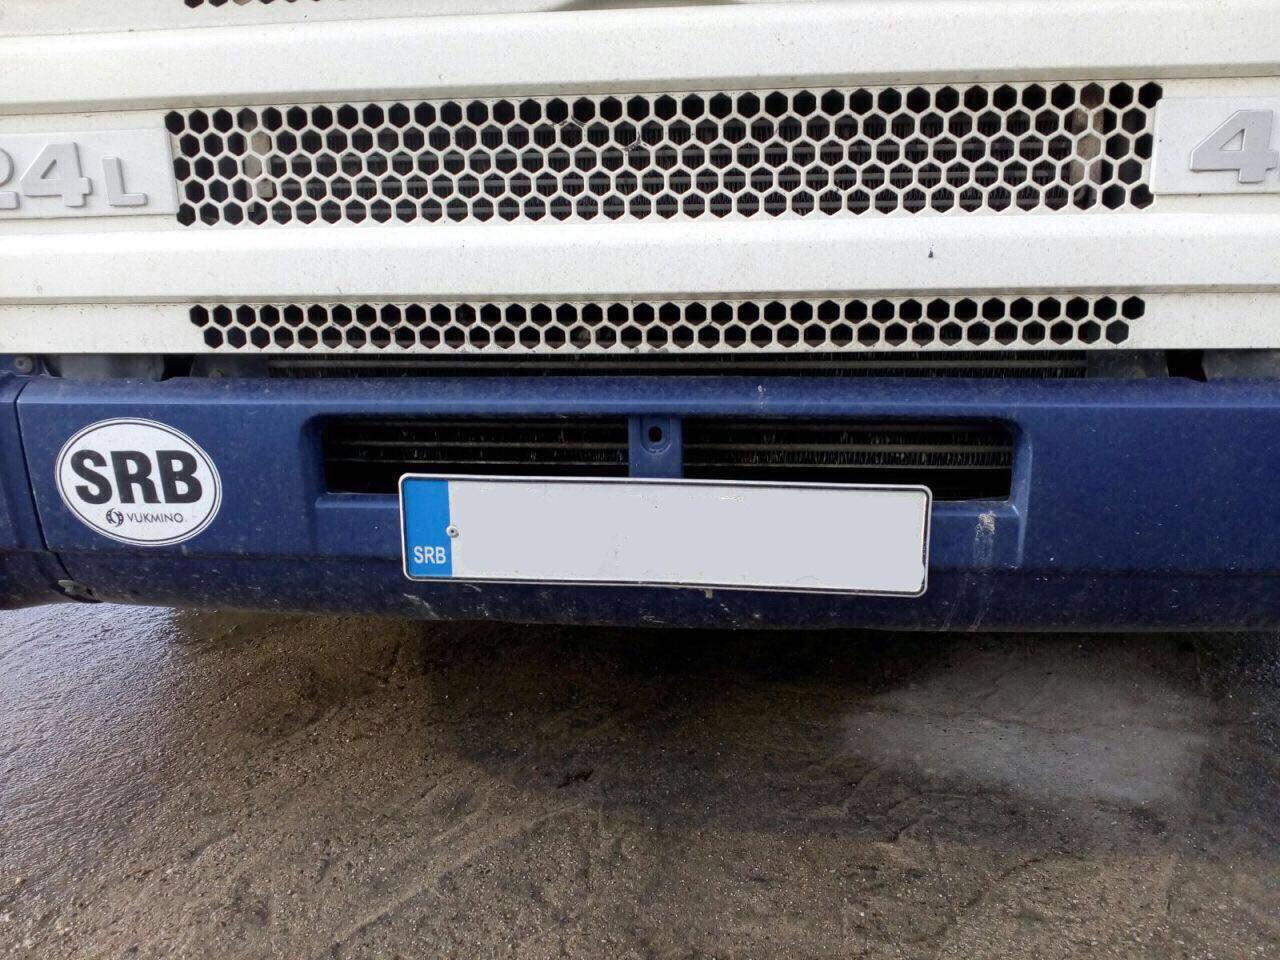 Корупція на Закарпатській митниці: в Румунію пропустили фуру з 450 ящиками цигарок, в Угорщину - 860 кг бурштину (ФОТО), фото-2